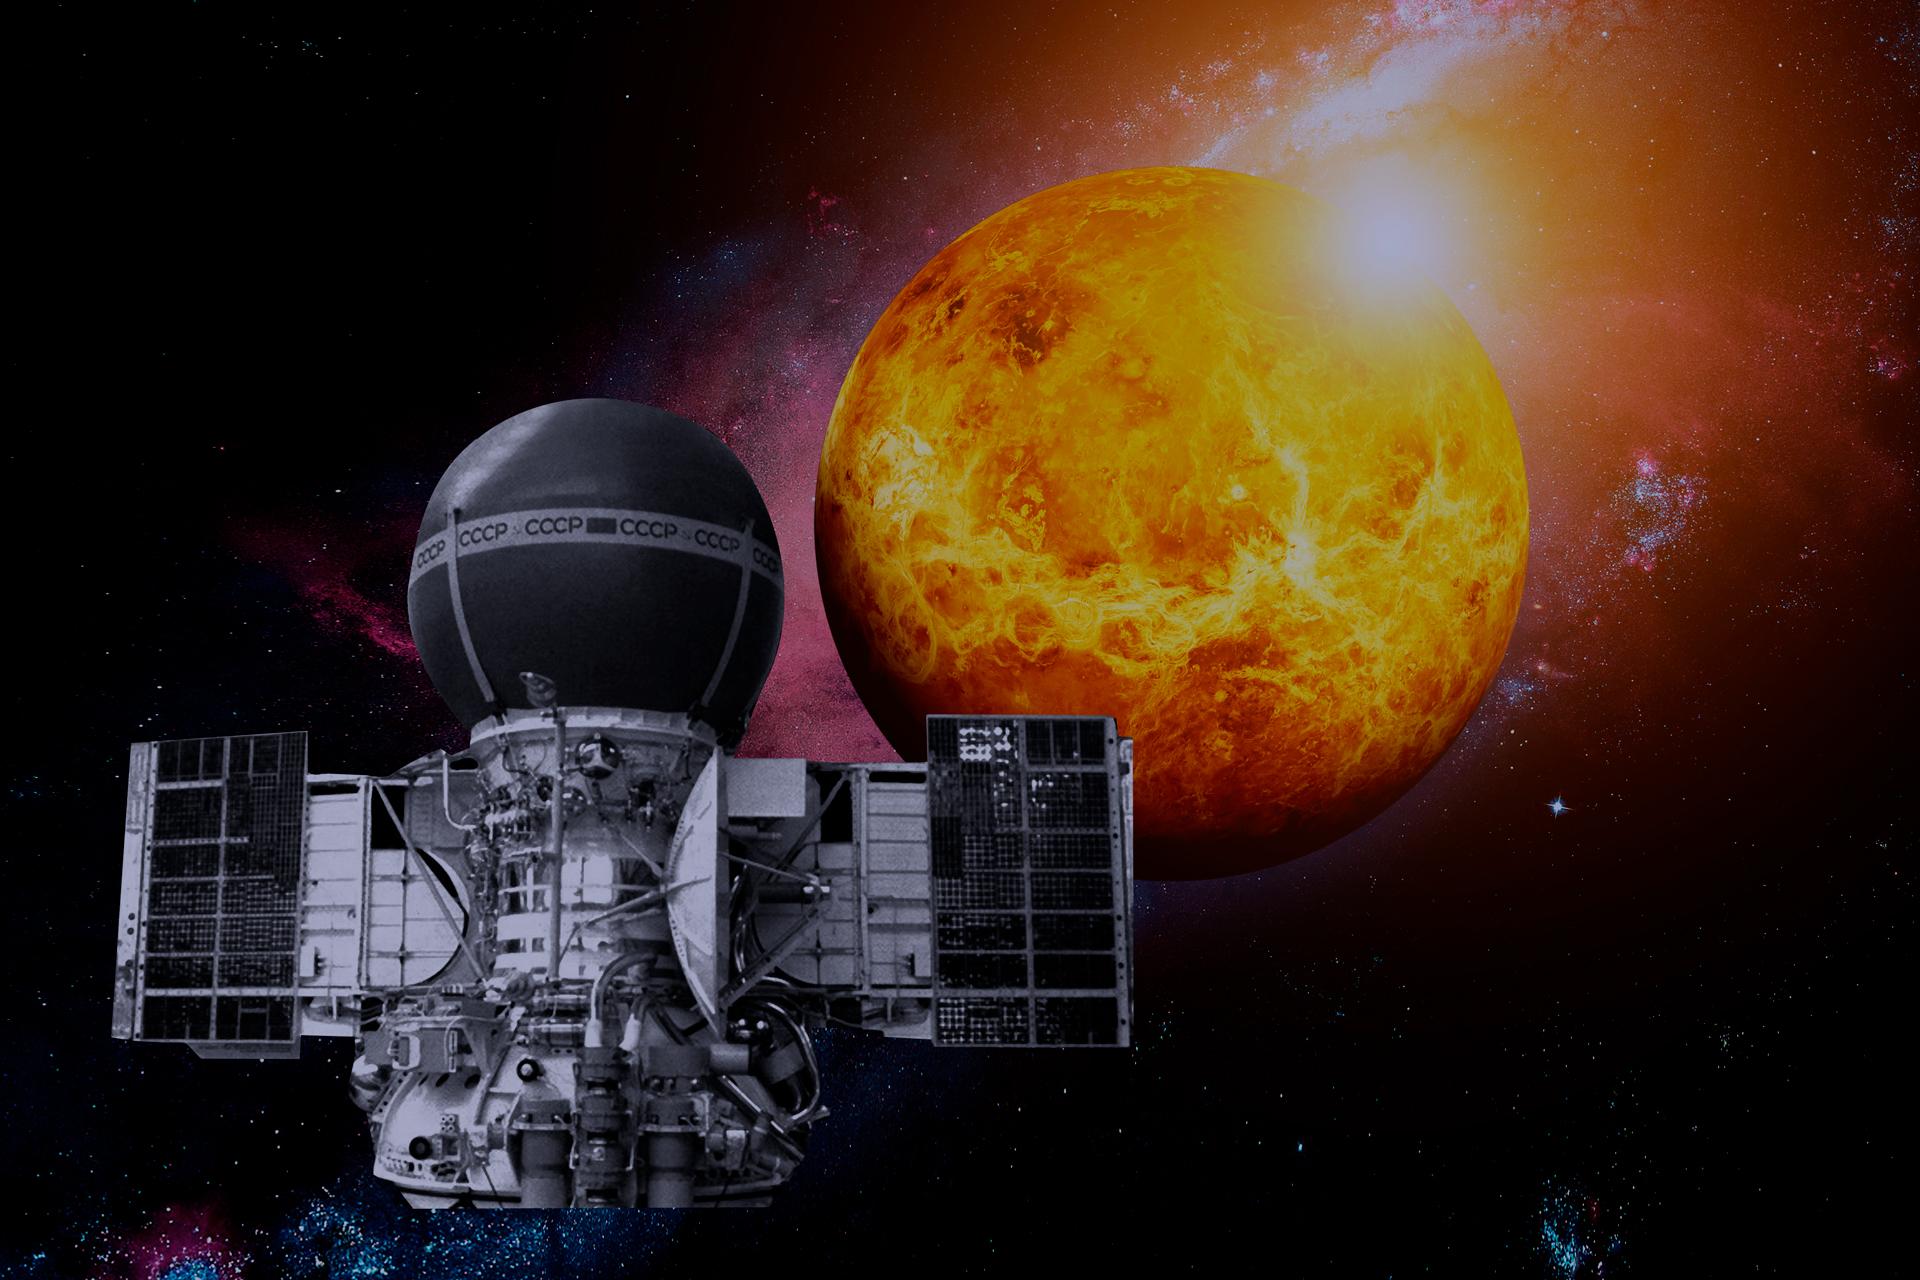 Земля, Венера, Советский Союз: о первой в истории посадке на другой планете